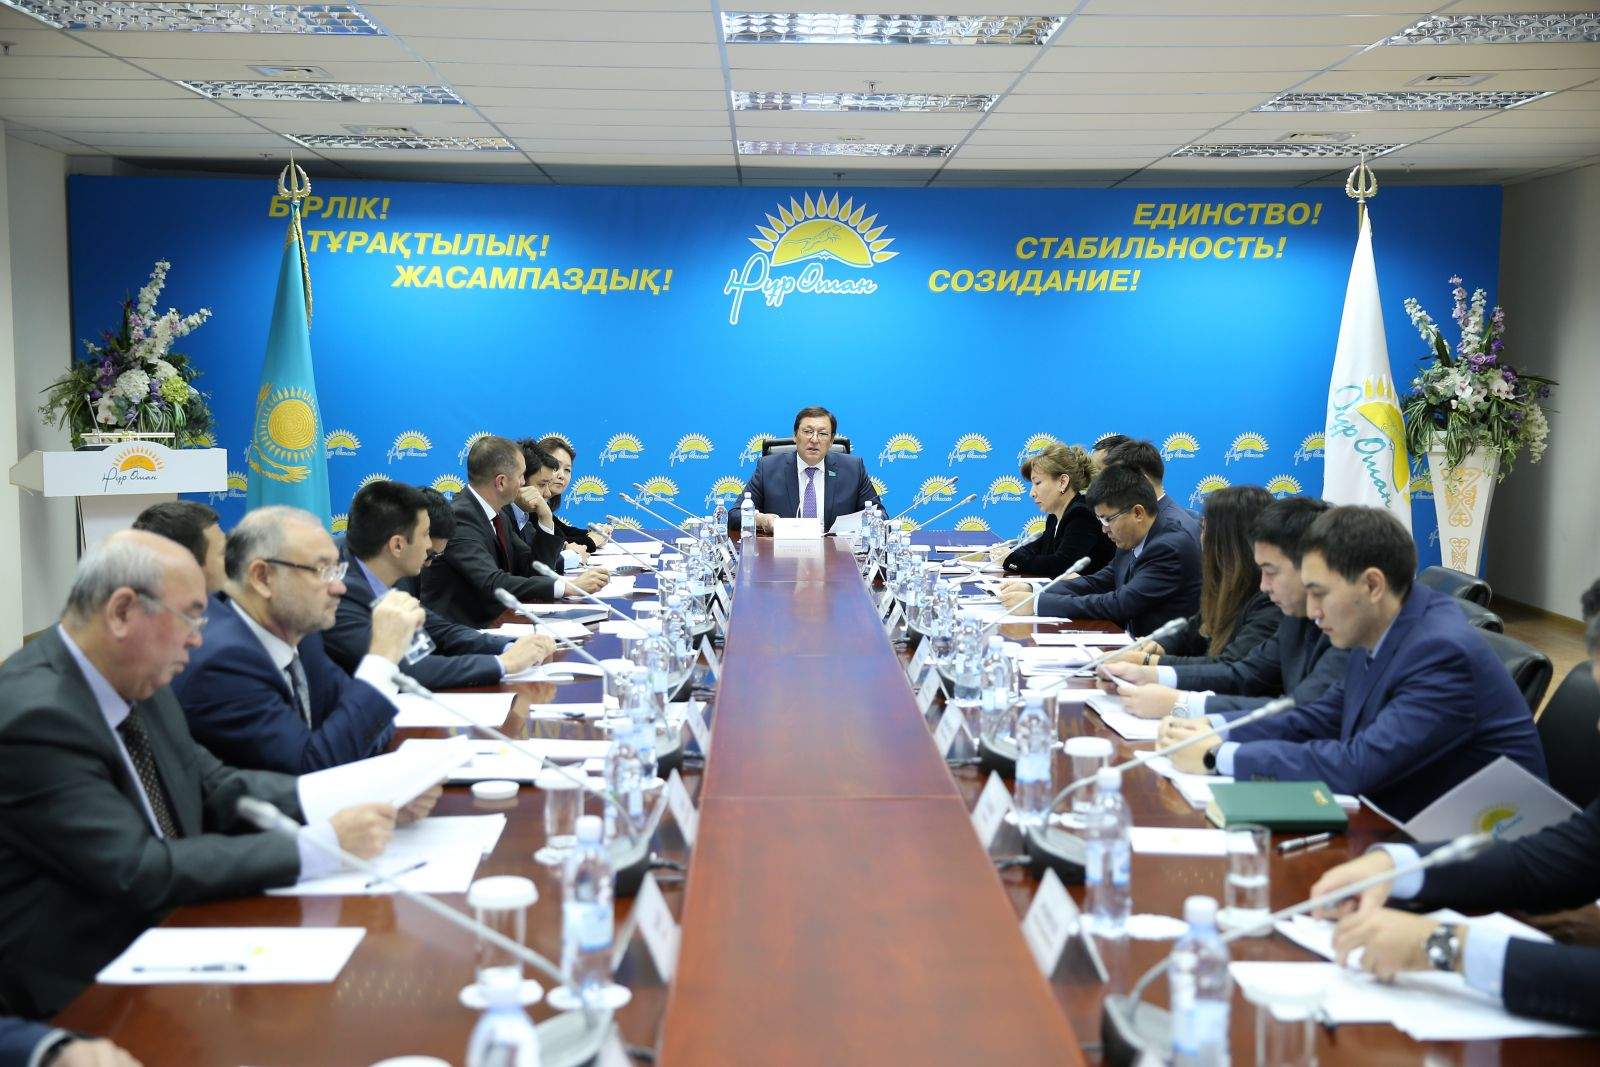 Коллегия аудиторов приняла участие в заседании Республиканского общественного совета «Нур Отан»